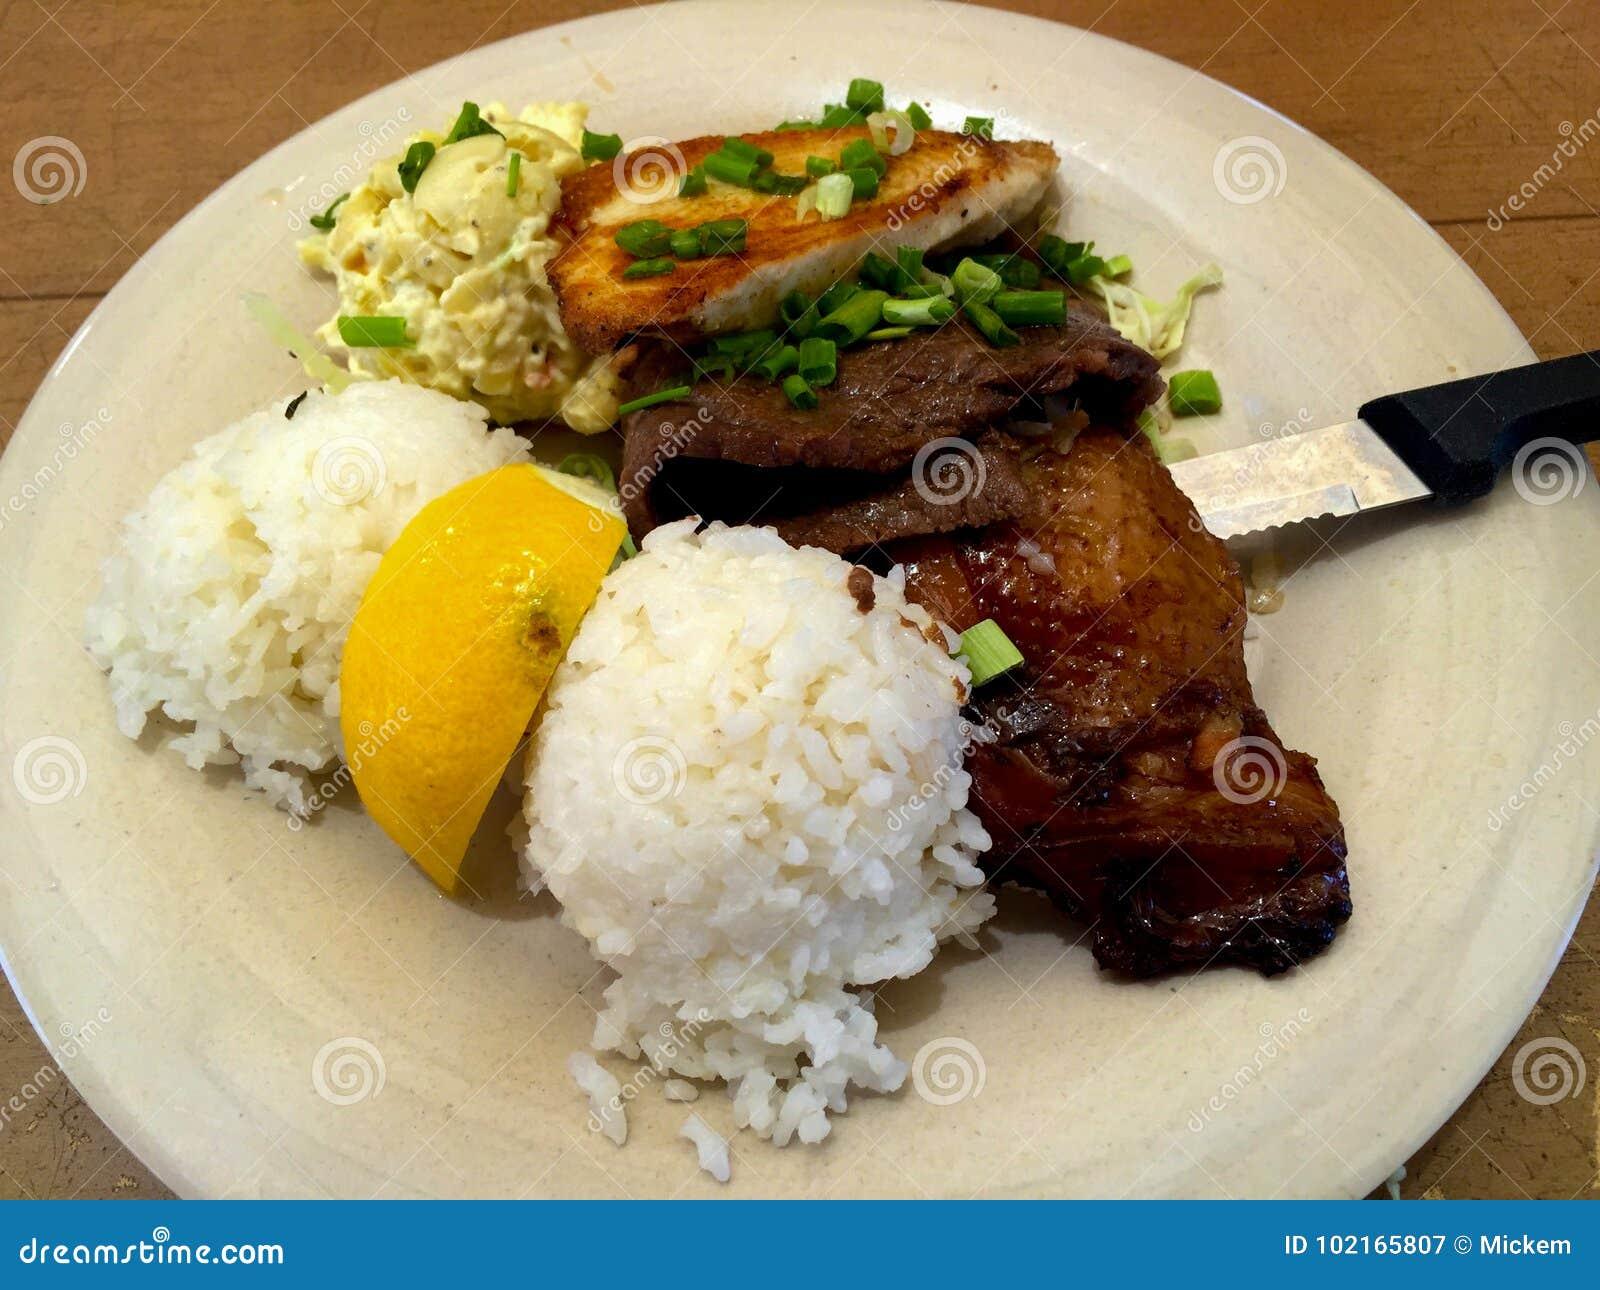 混杂的板材夏威夷牛肉鸡米通心面进入